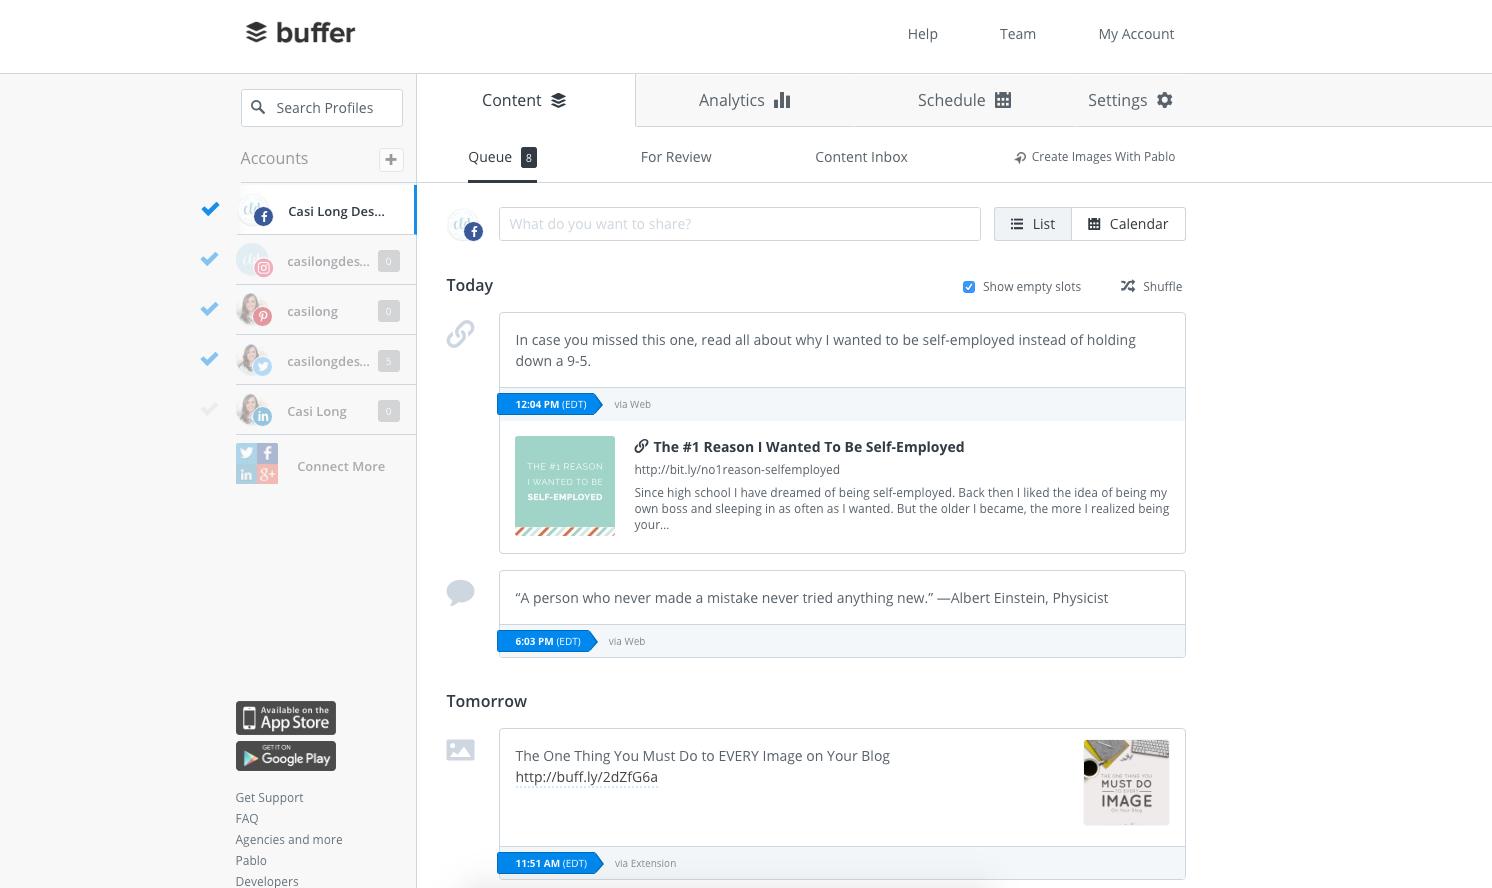 A look at Buffer for Business interface. casilong.com